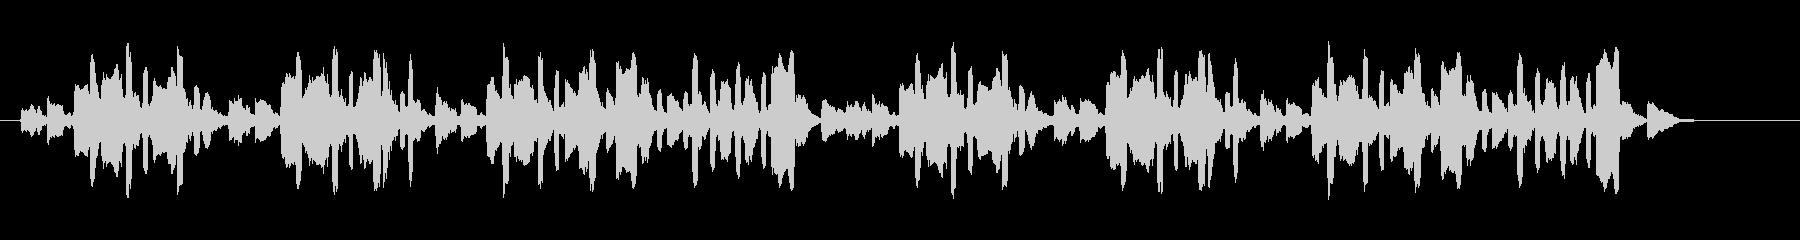 ほのぼのとした生演奏リコーダーとピアノの未再生の波形